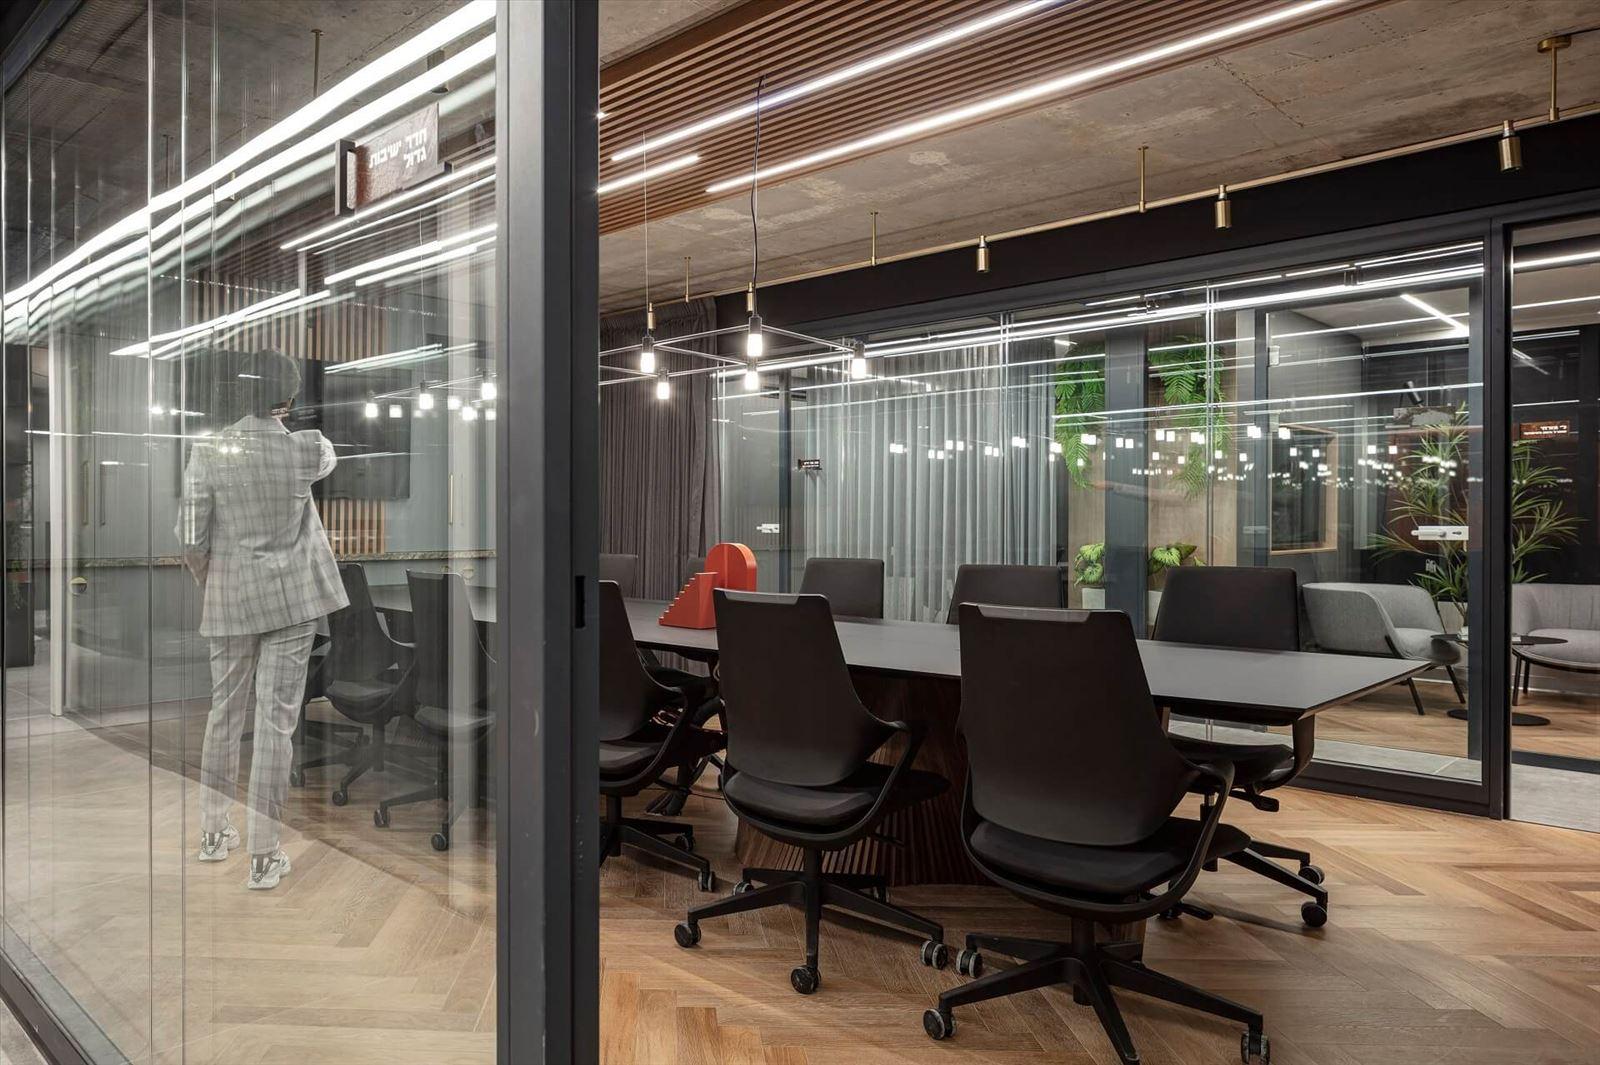 קמחי תאורה בפרויקט תאורה במשרדי מזרחי ובניו